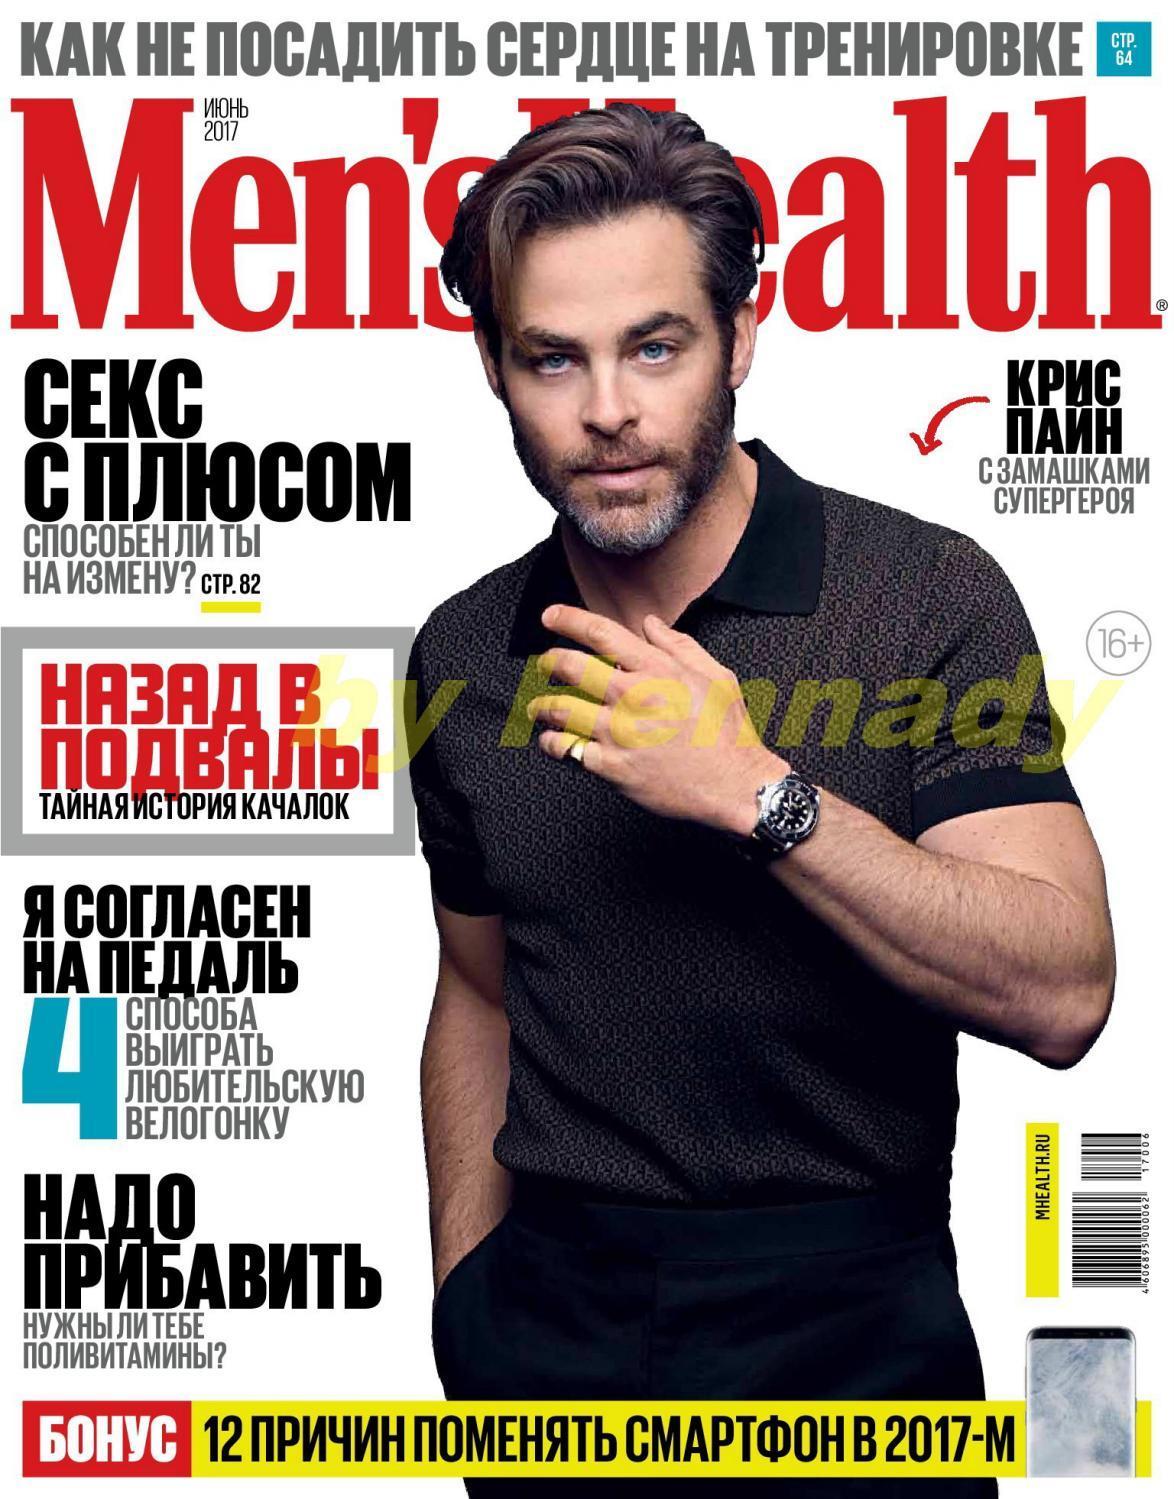 Журналы для мужчин смотреть фото кратко строение